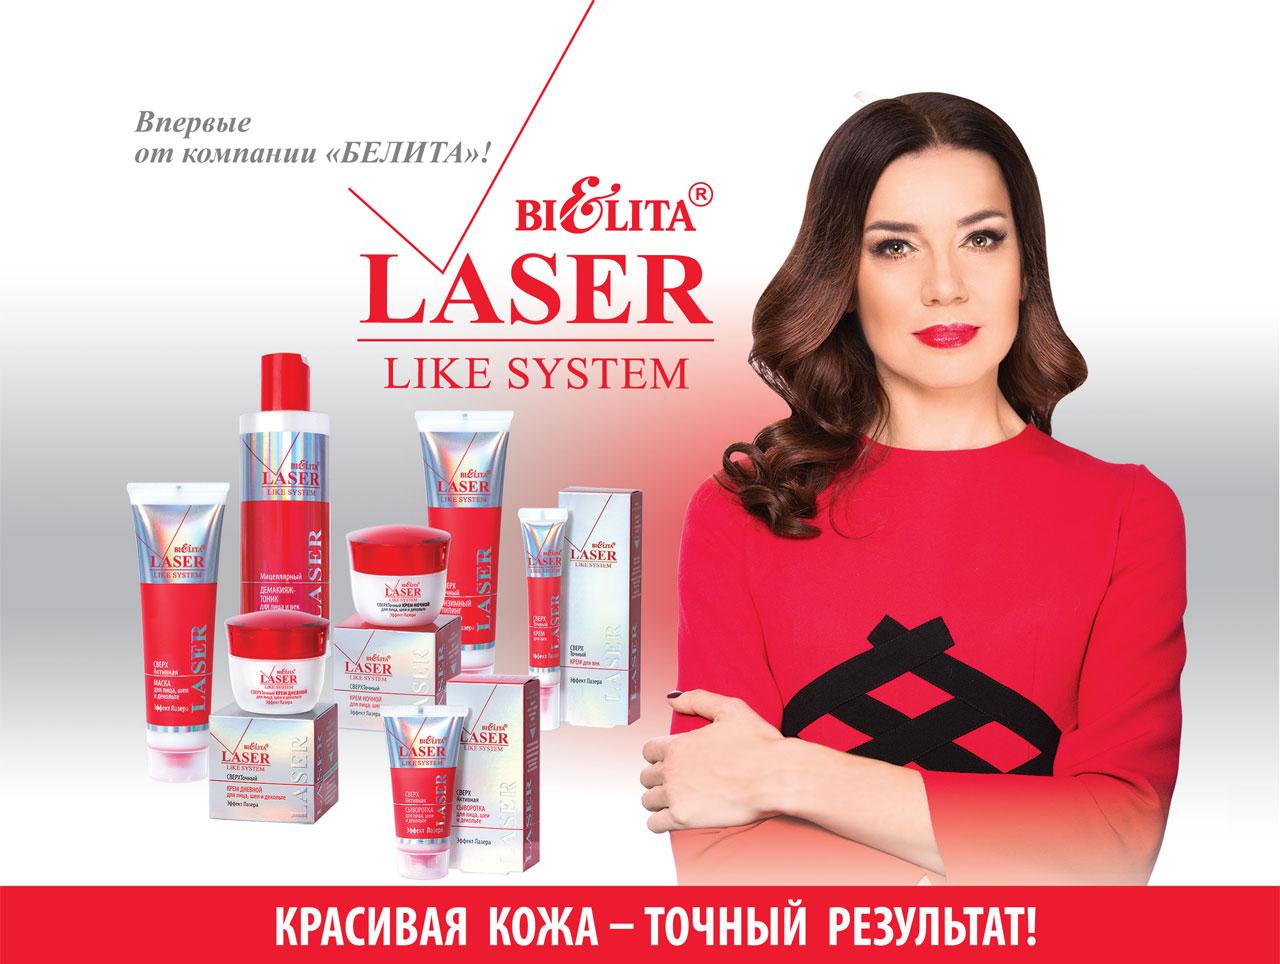 белорусская косметика лазер купить в москве